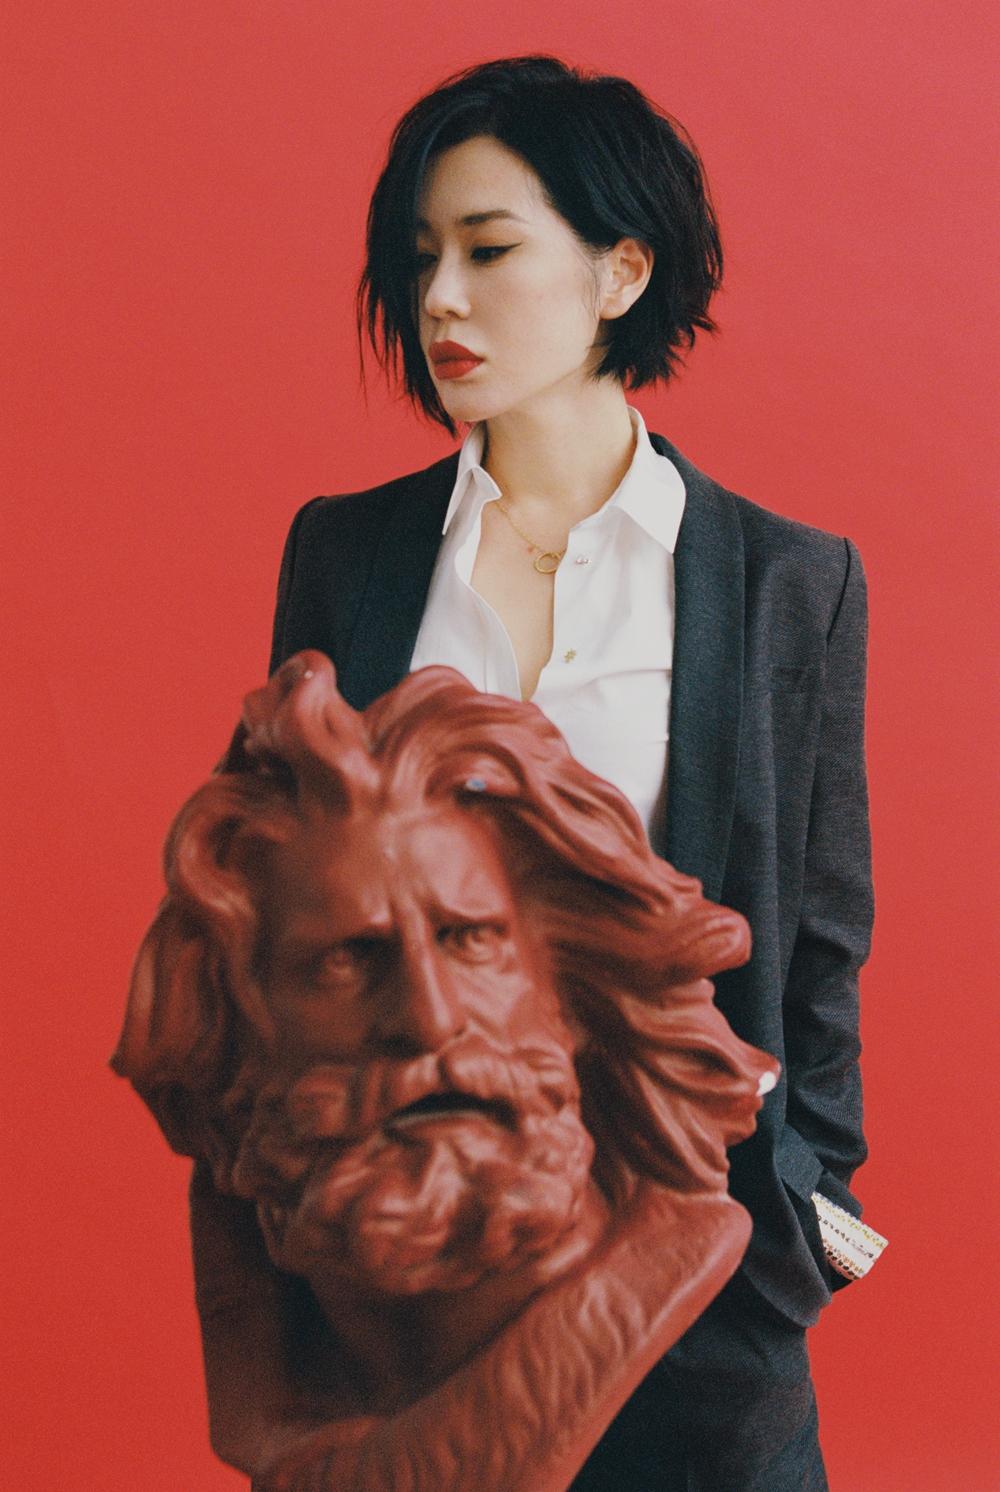 余男最新杂志大片曝光 优雅帅气诠释画报人生